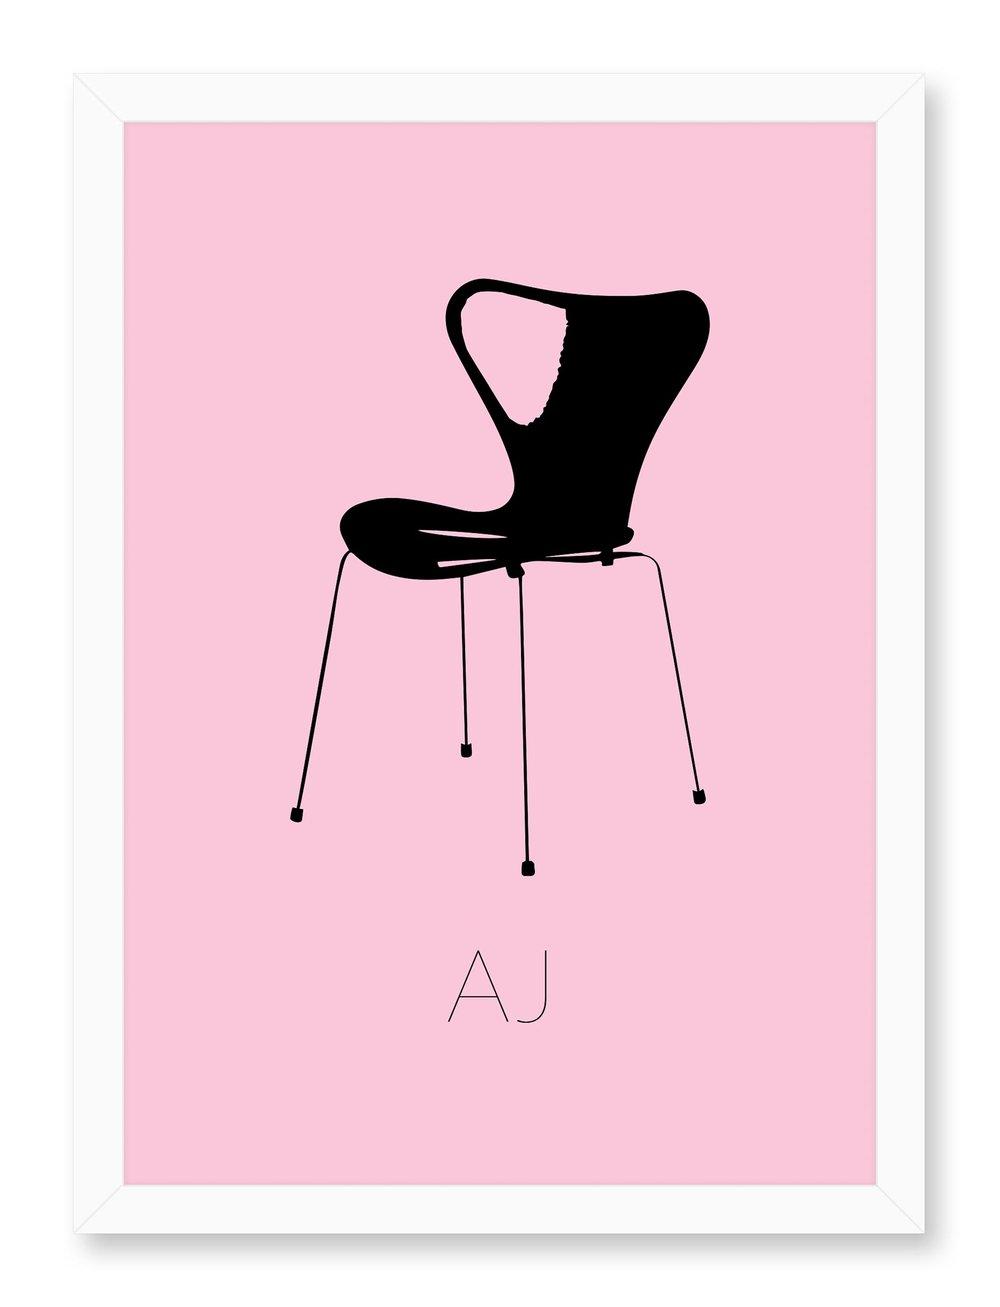 aj_pink_white.jpg